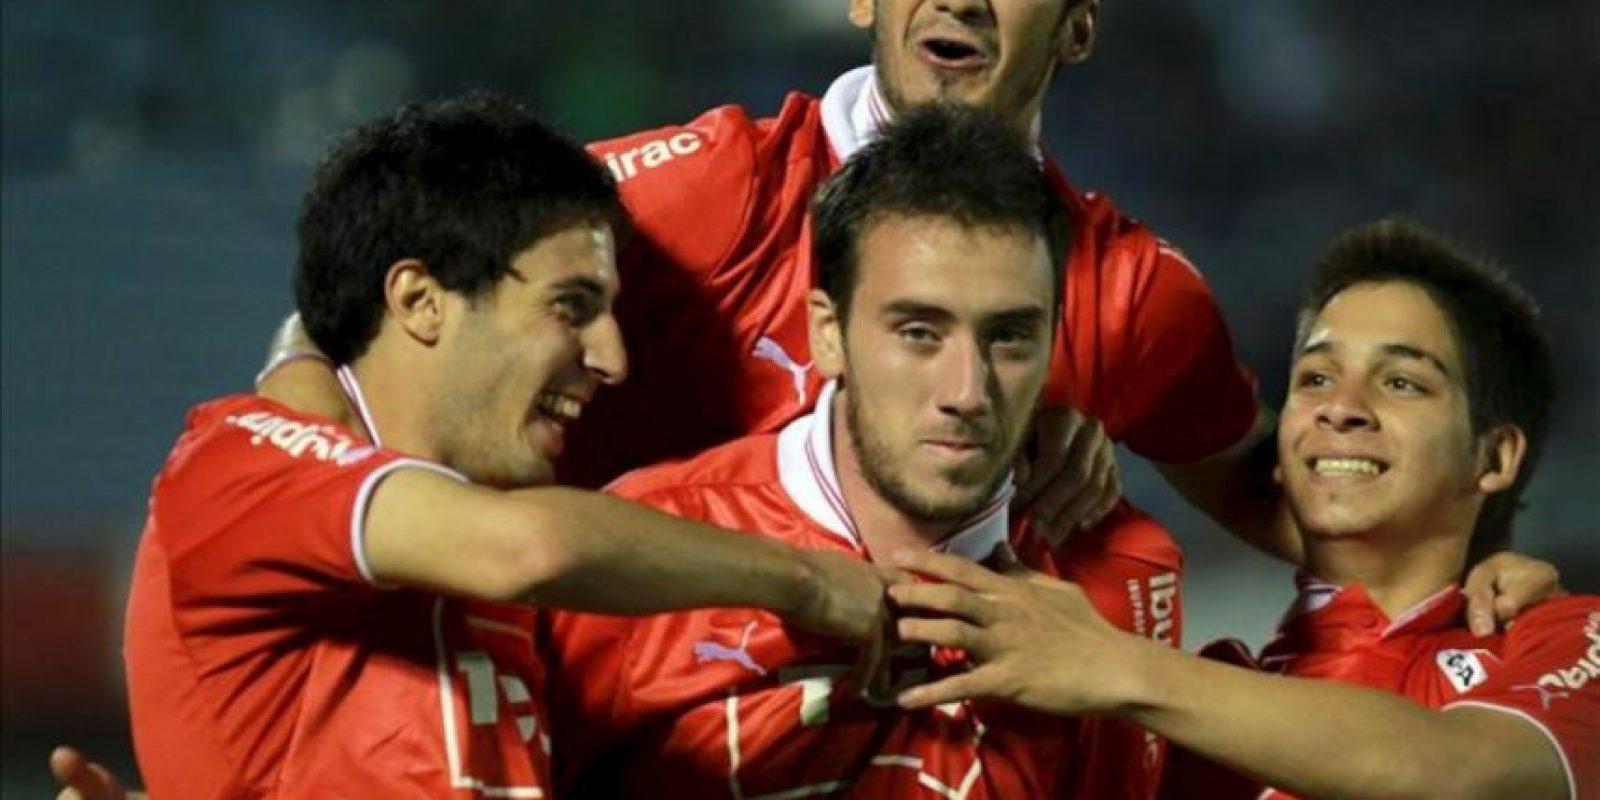 Los jugadores de Independiente de Argentina celebran un gol ante Liverpool de Uruguay durante un partido por la Copa Sudamericana en el estadio Centenario en Montevideo. EFE